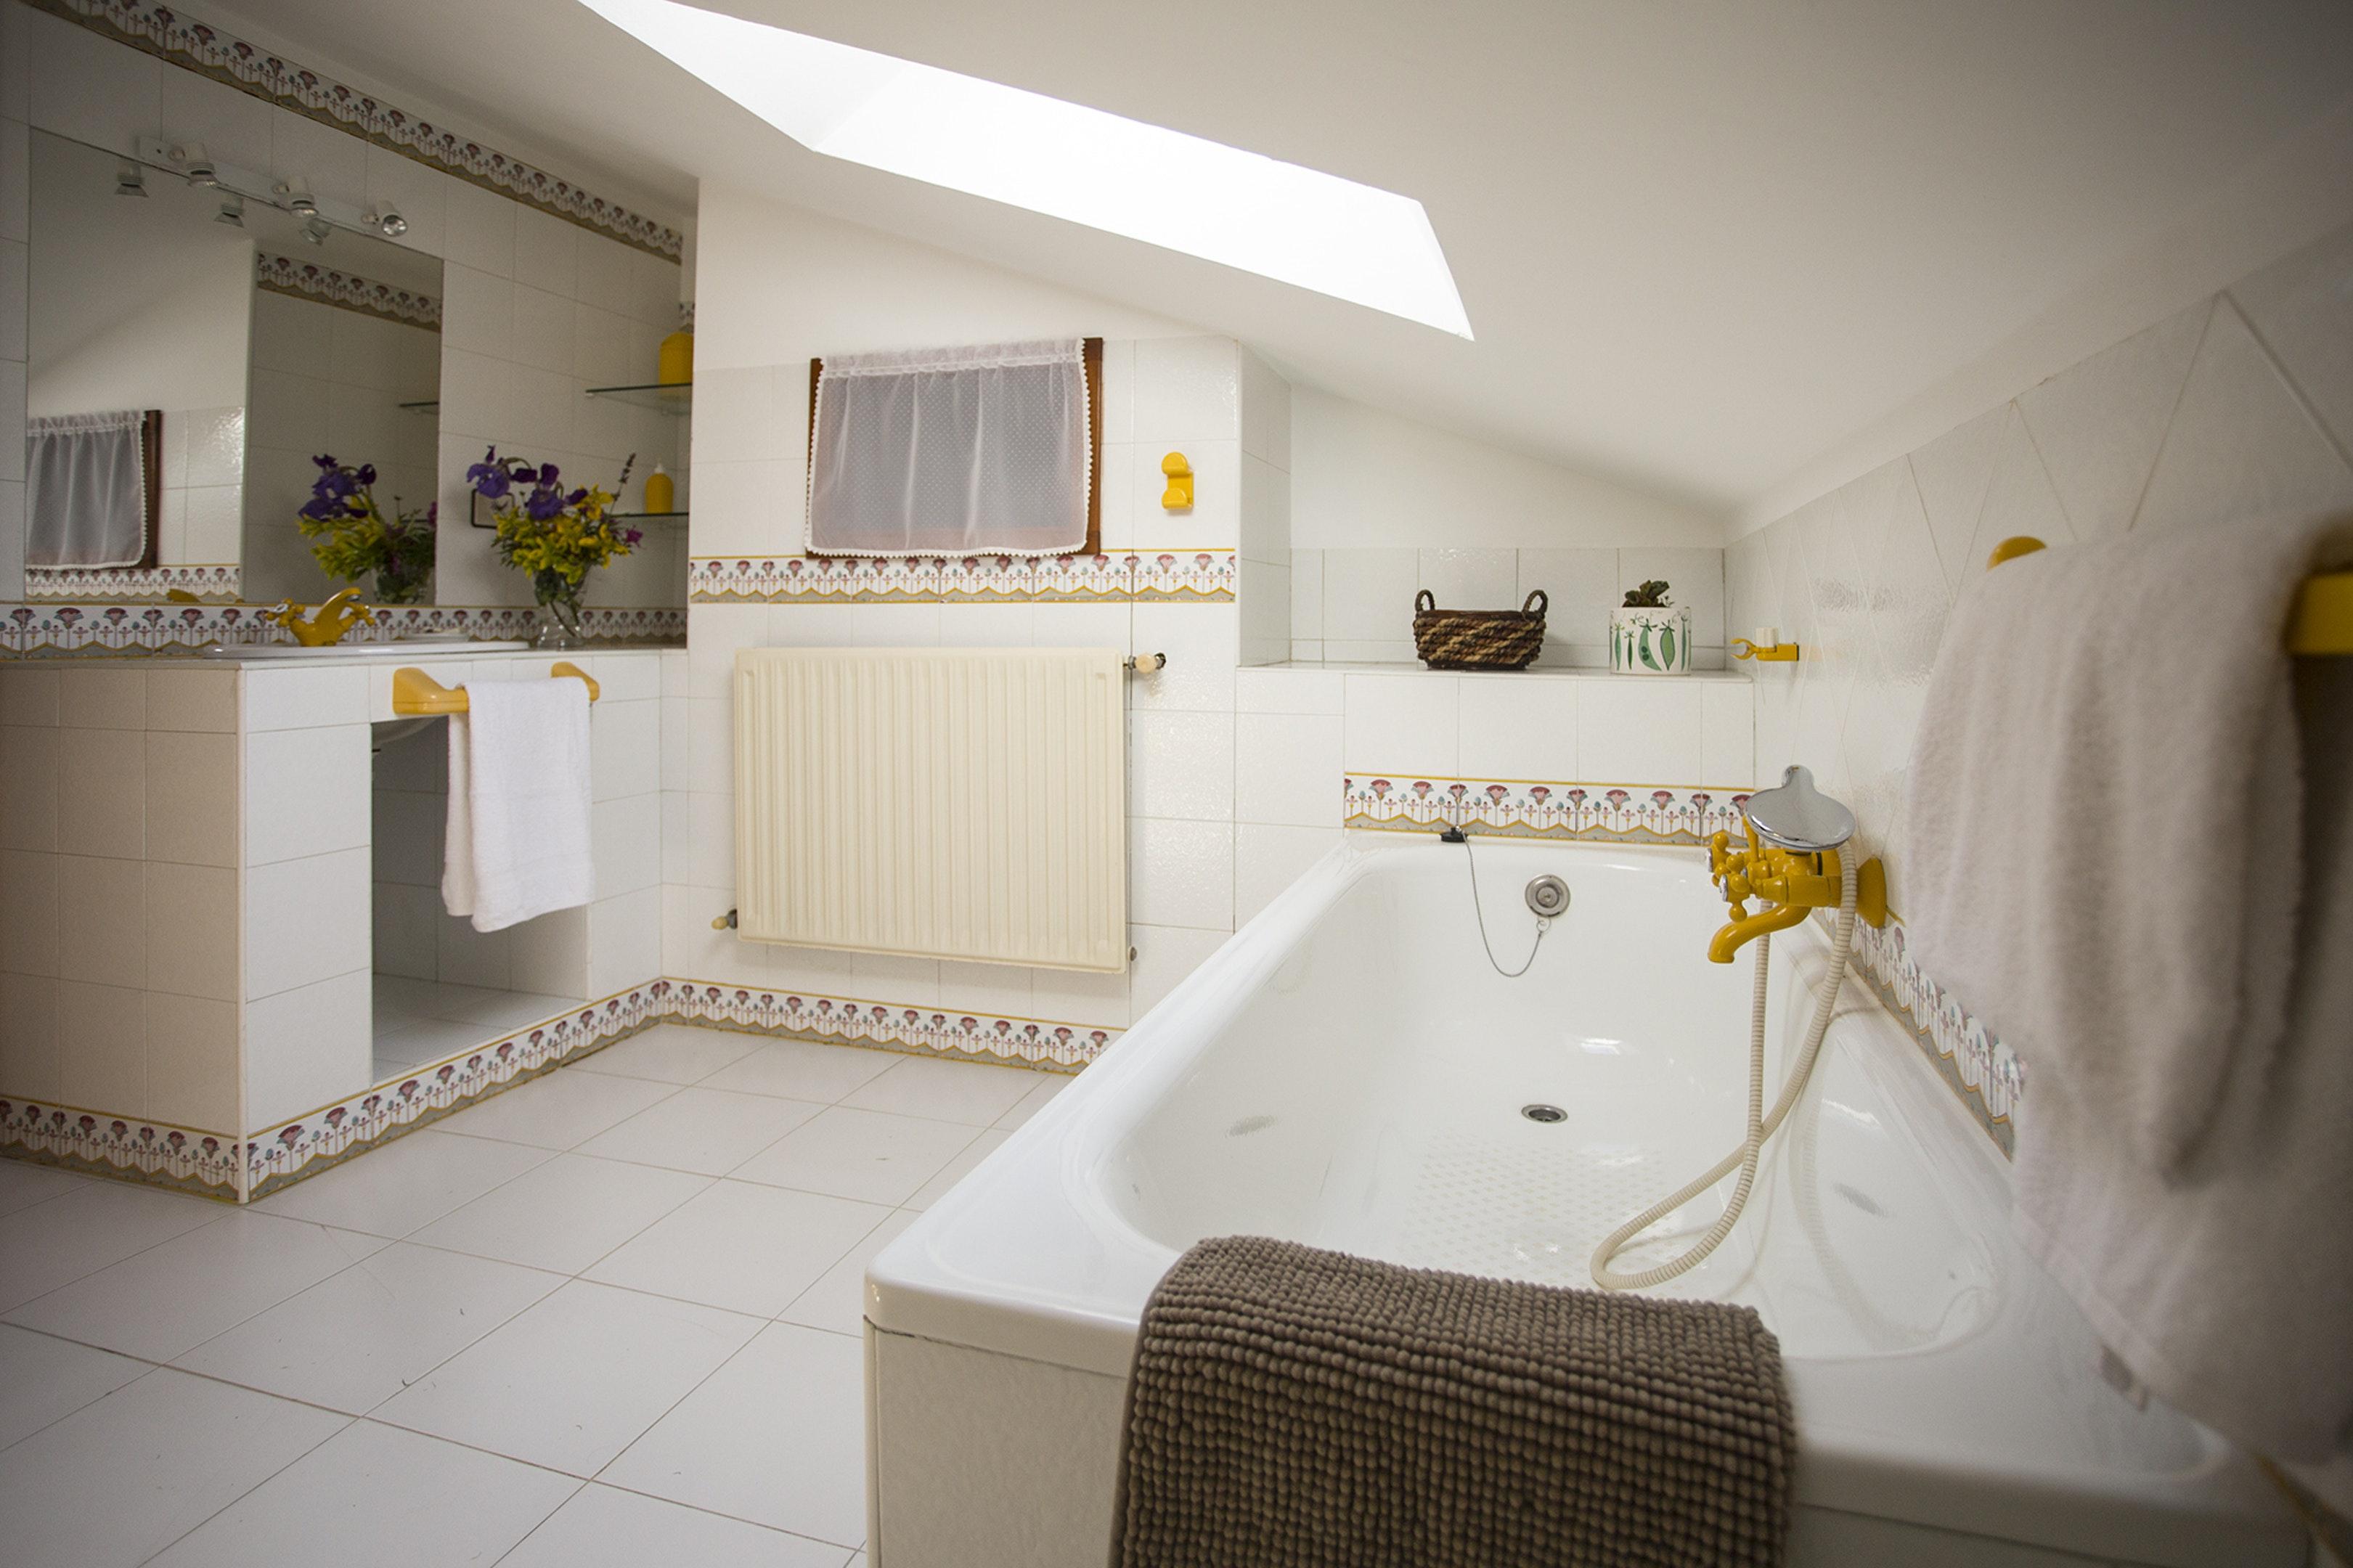 Ferienhaus Haus mit 7 Schlafzimmern in Villaviciosa mit toller Aussicht auf die Berge, eingezäuntem G (2239815), Villaverde, Costa Verde (ES), Asturien, Spanien, Bild 20